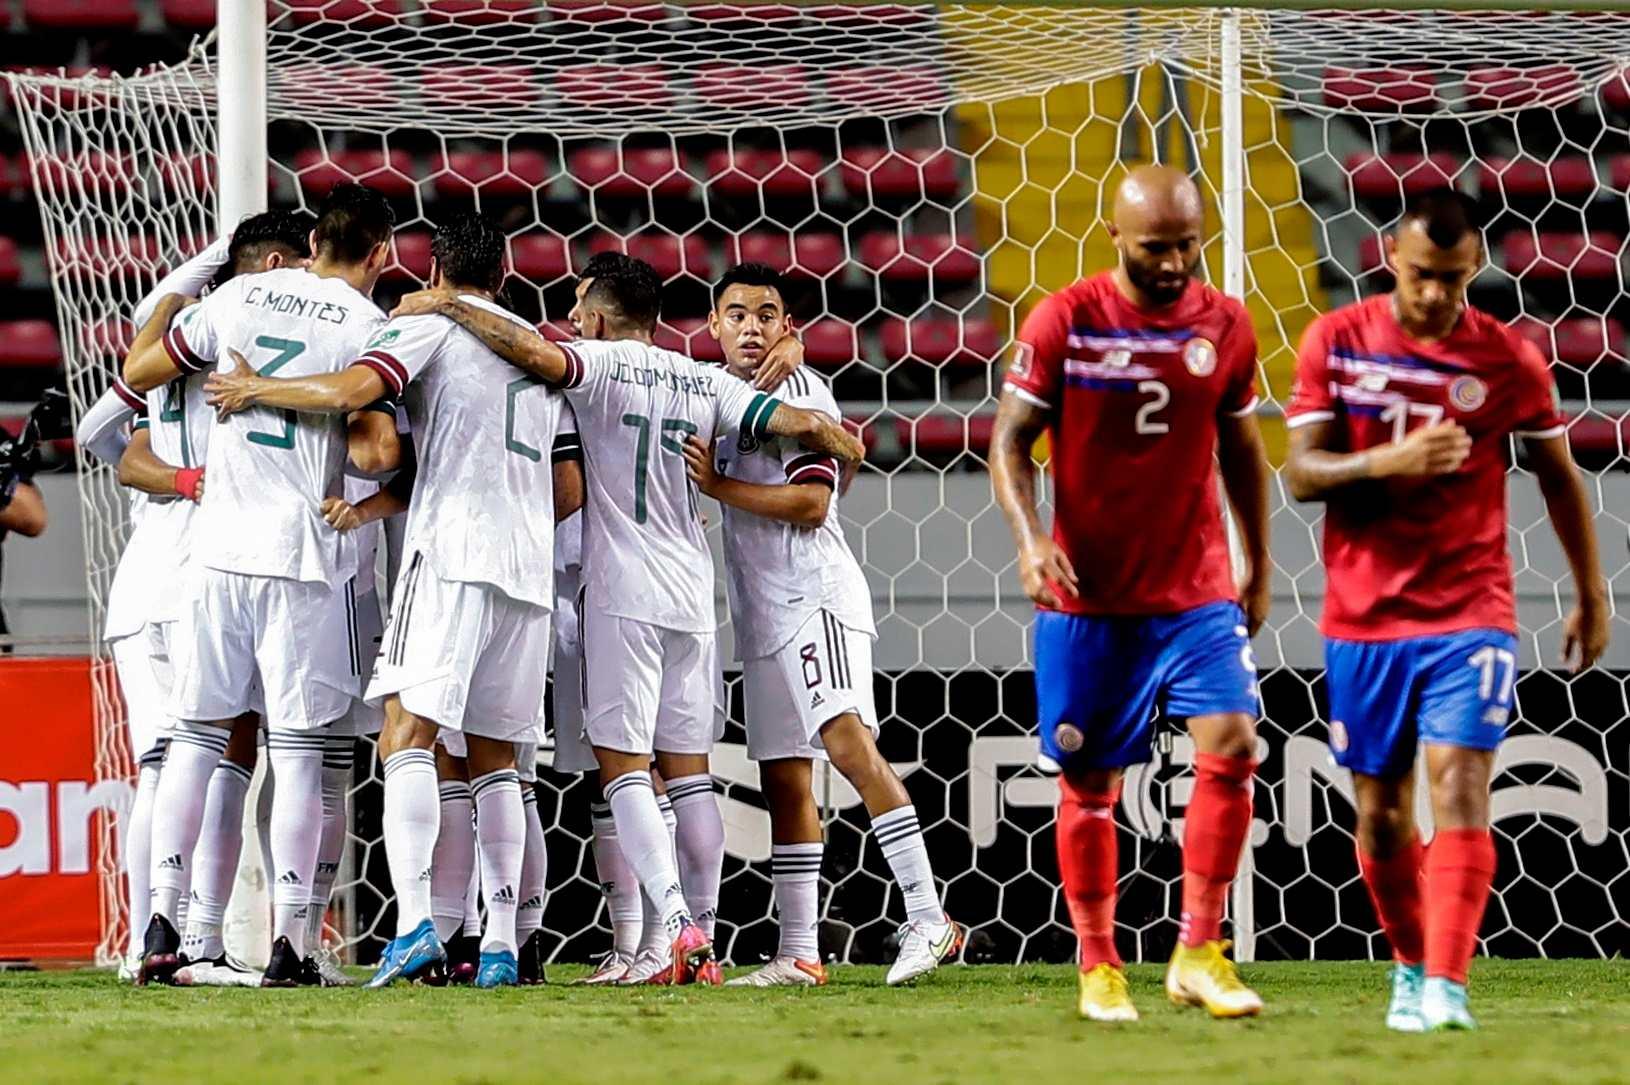 México venció 1-0 a Costa Rica y sigue siendo el único líder de la Concacaf Octagonal - Prensa Libre